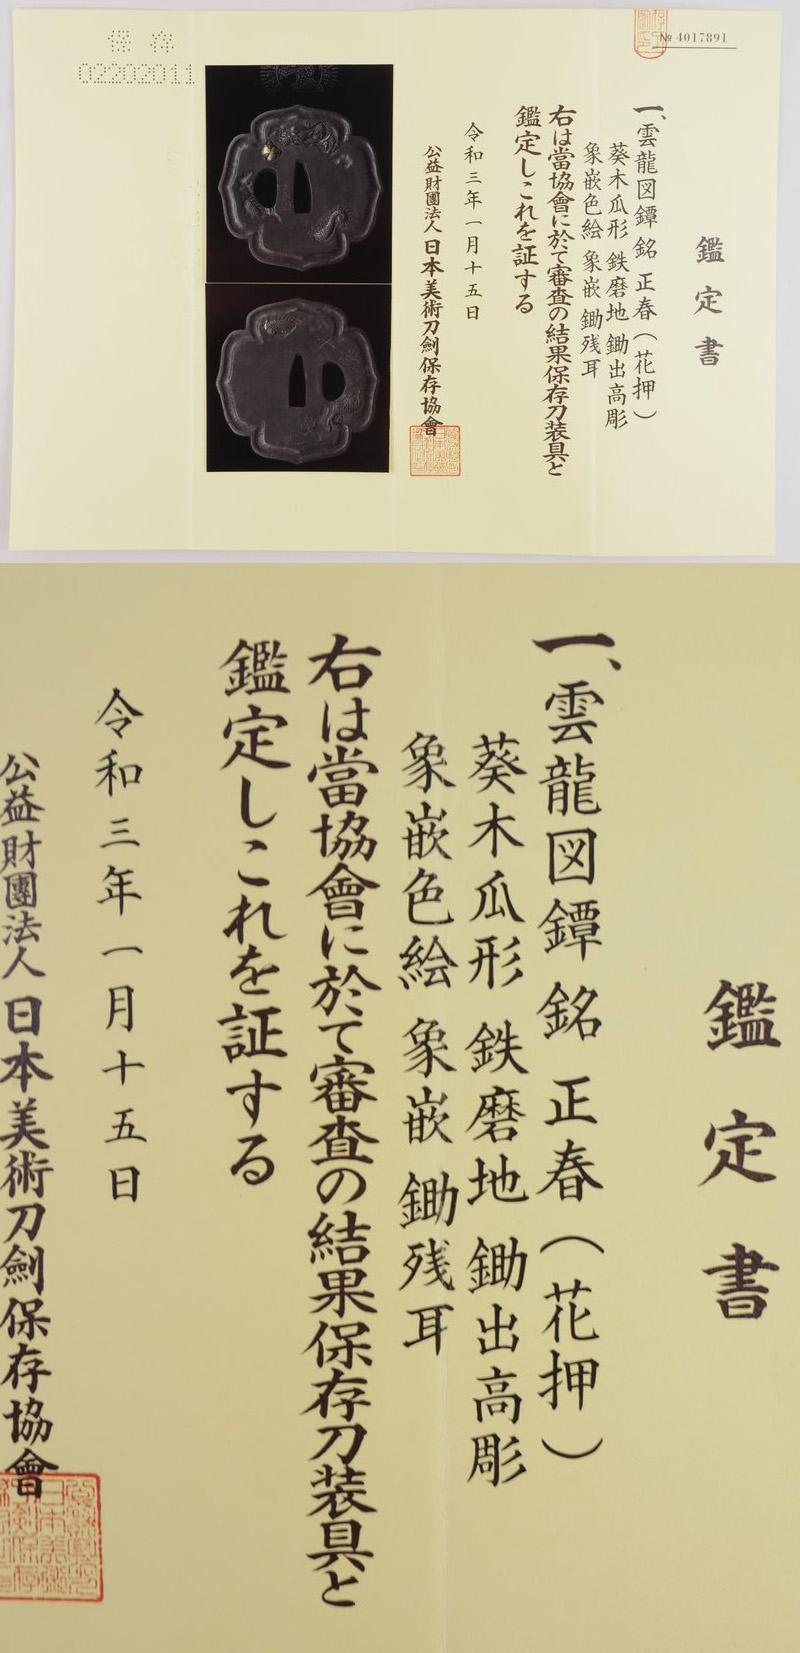 雲龍図鍔 正春(花押) Picture of Certificate